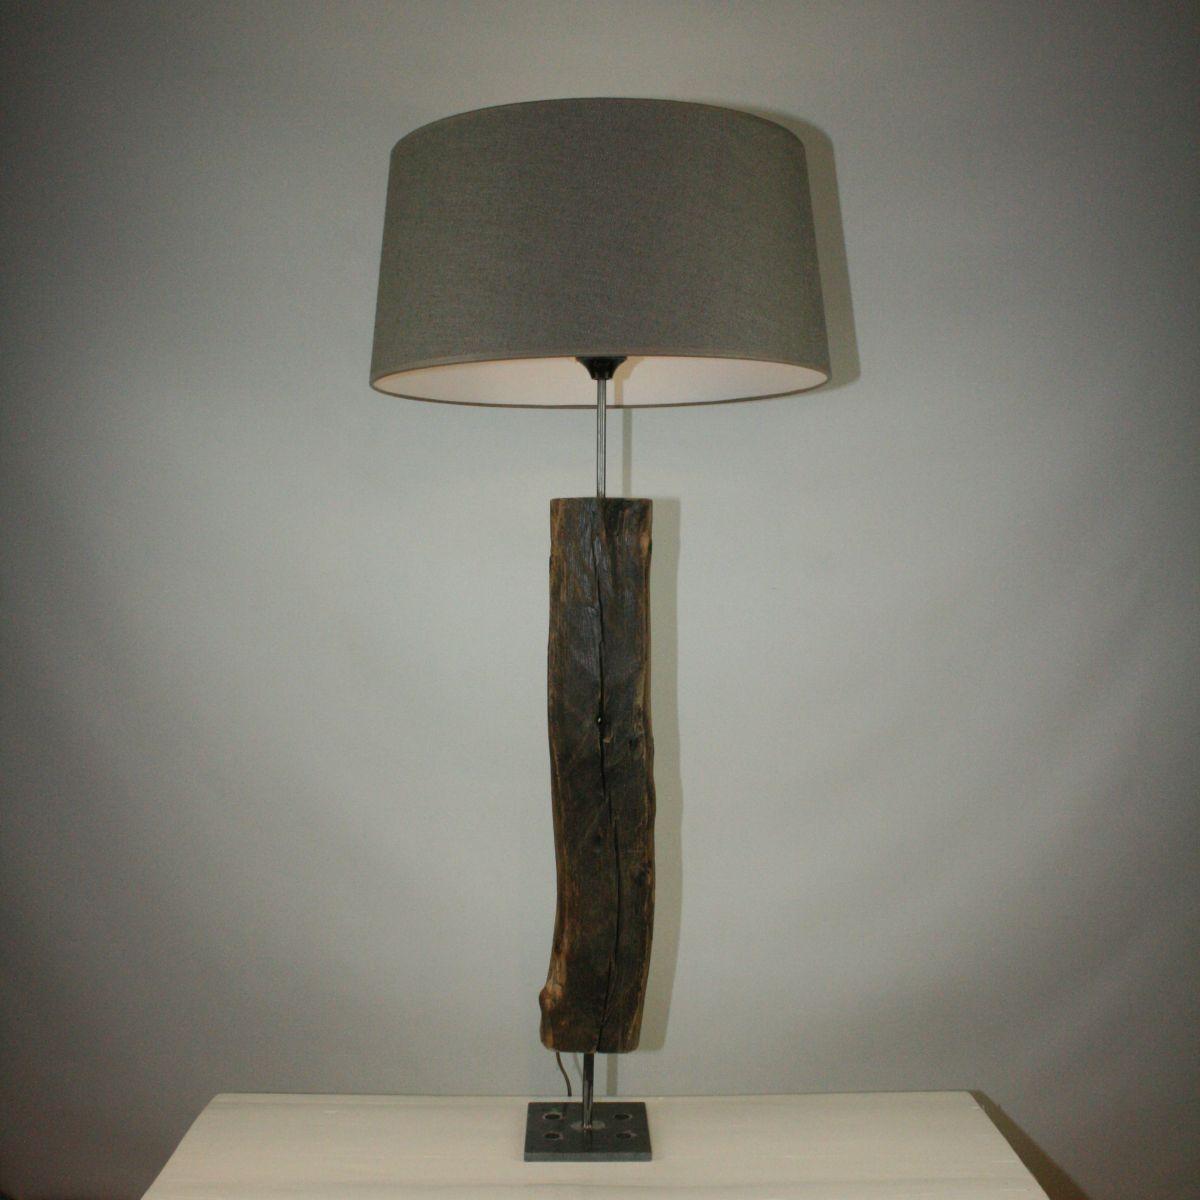 Staande lamp industrieel gerard keune meubels op maat for Lamp industrieel